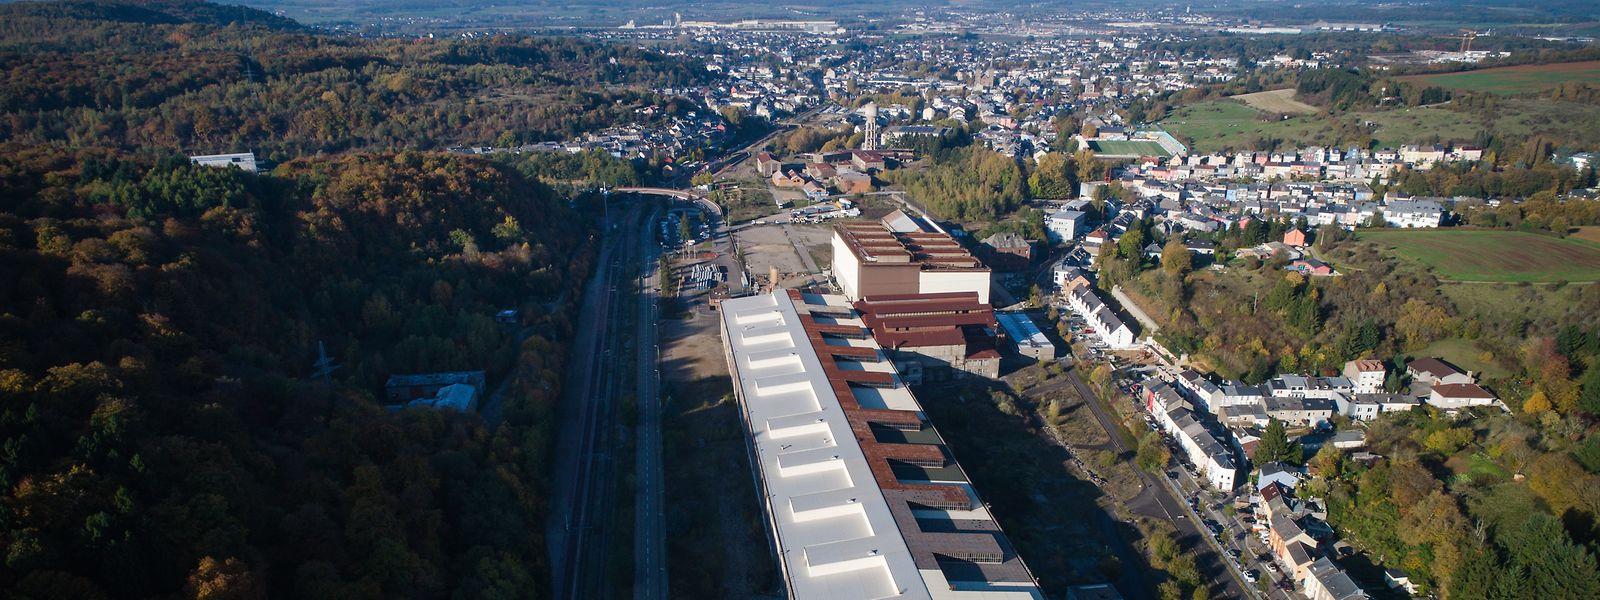 La structure de l'ancien laminoir sera conservée au sein du nouveau quartier baptisé «Neischmelz».